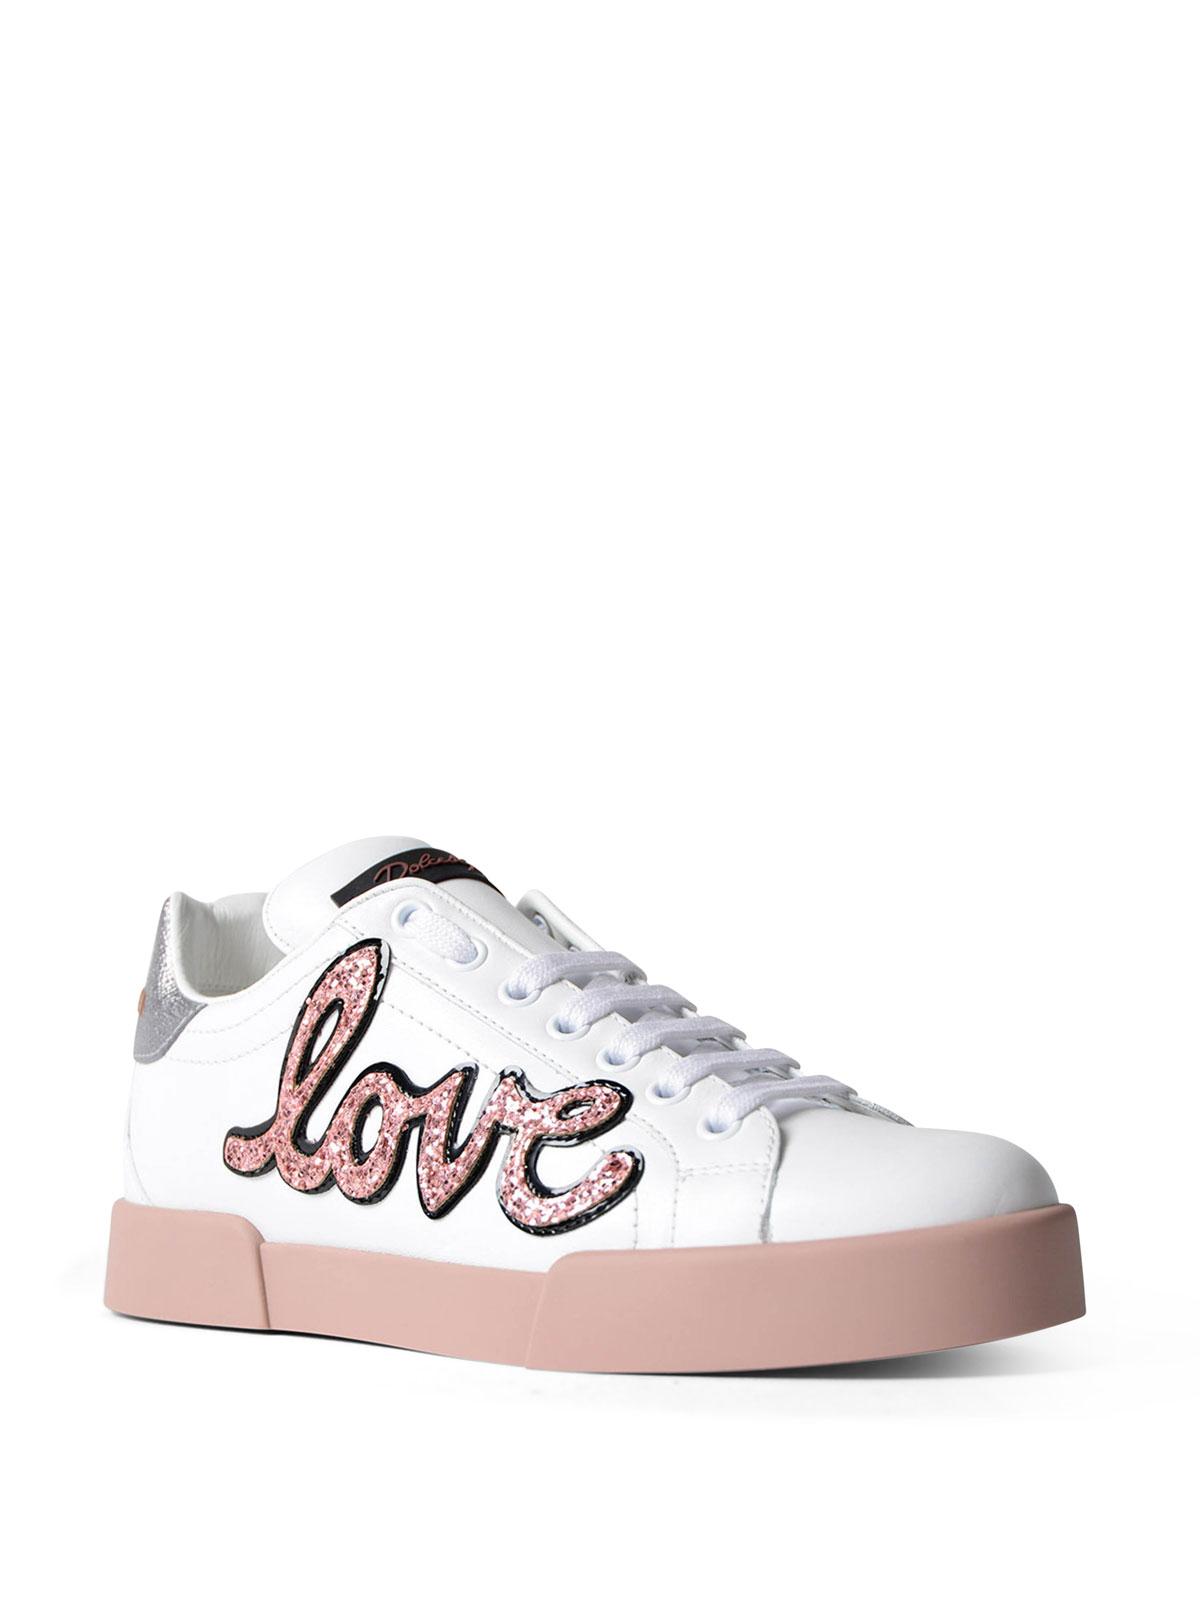 Dolce \u0026 Gabbana - Portofino love patch